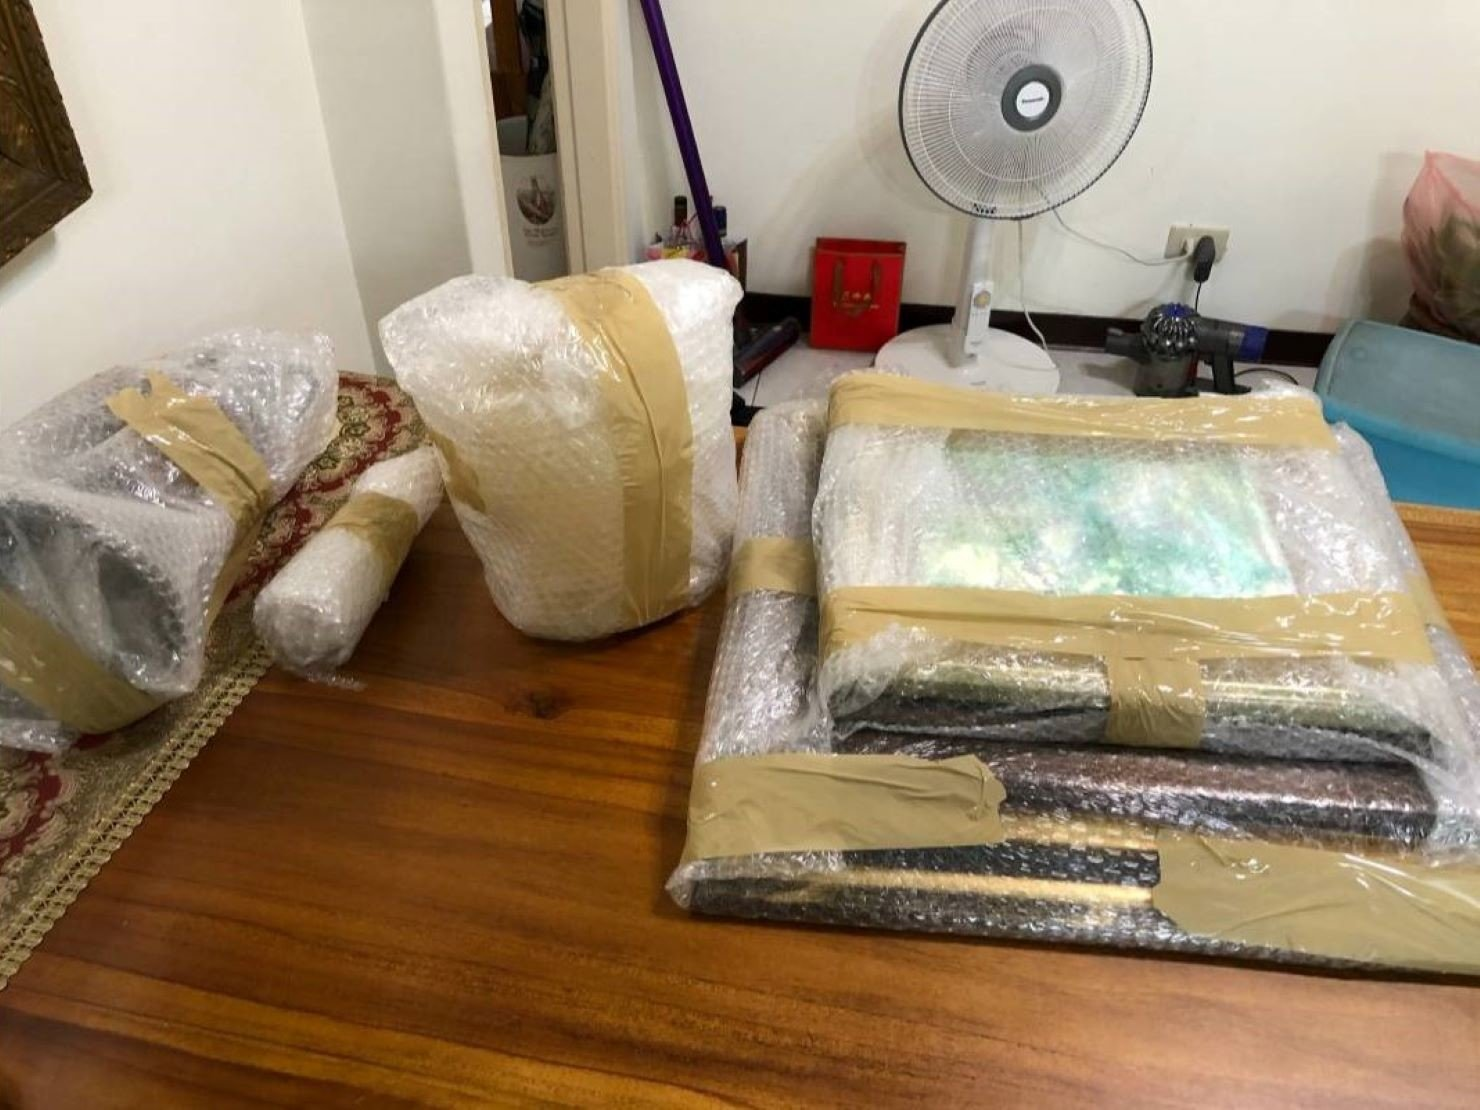 精緻搬家【榮福搬家公司】搬家口碑第一、台北搬家推薦:古董物件精緻包裝-以氣泡捲與黃色透明膠帶做包裝防護,達到防震、防潮、防碰撞之功效。